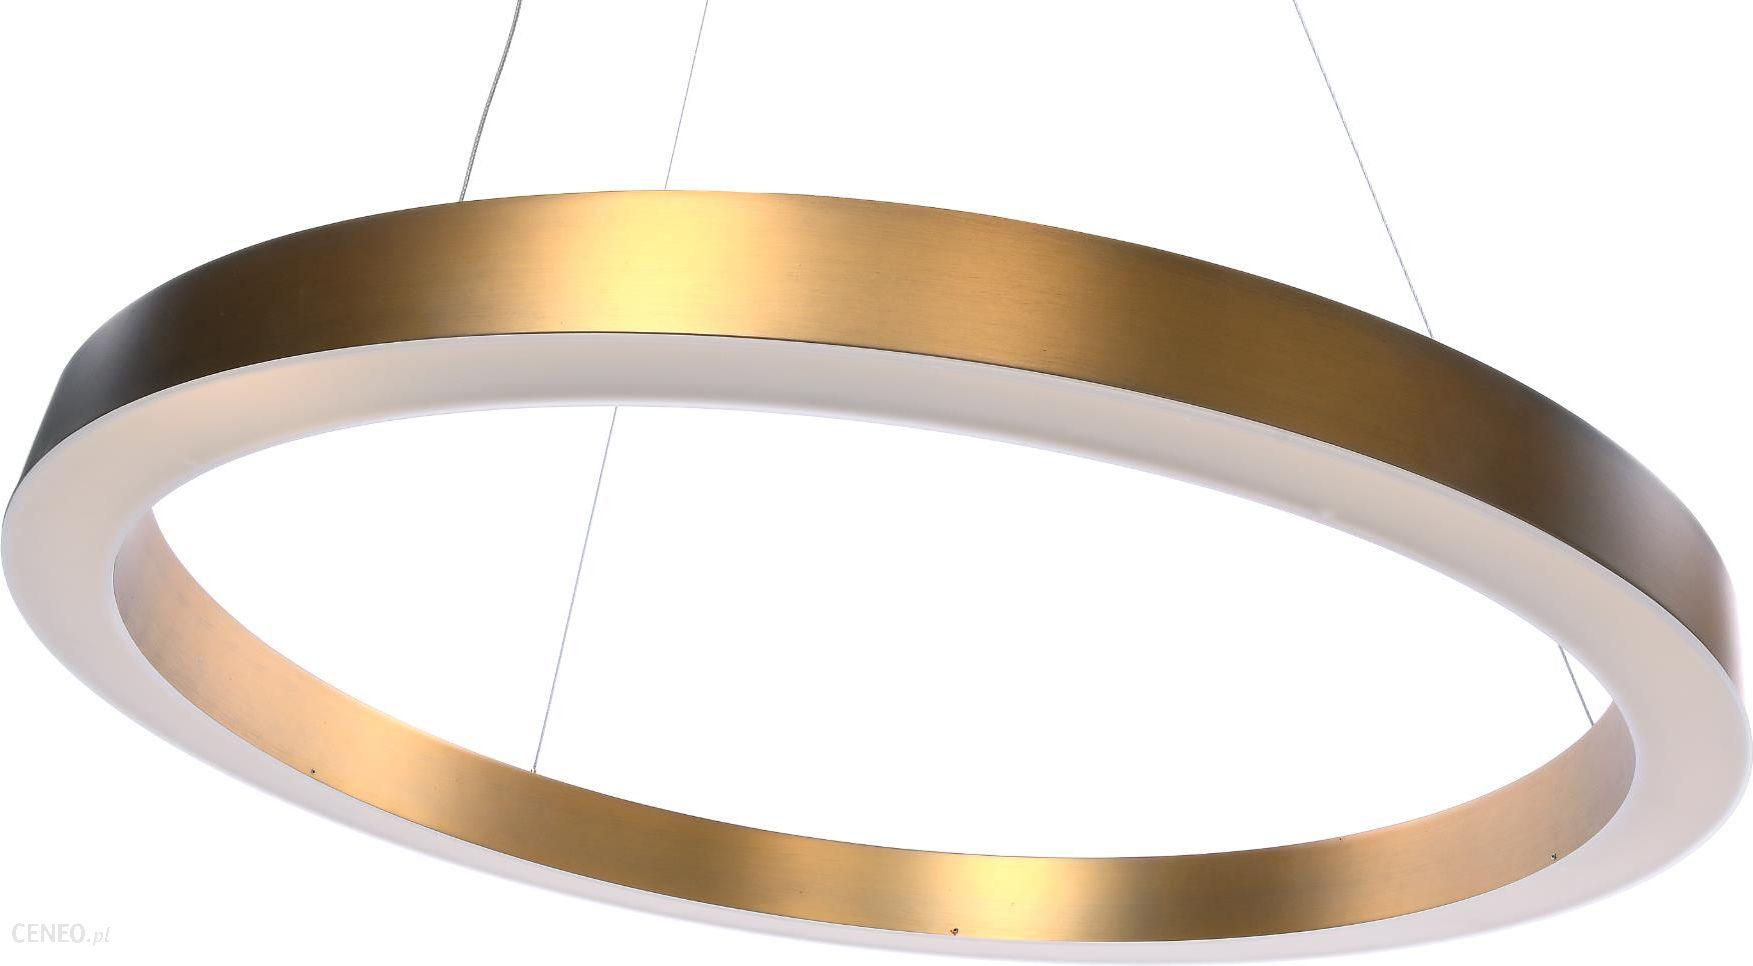 Lampa Wisząca Ring Led Xl śr 80 Cm Opinie I Atrakcyjne Ceny Na Ceneo Pl